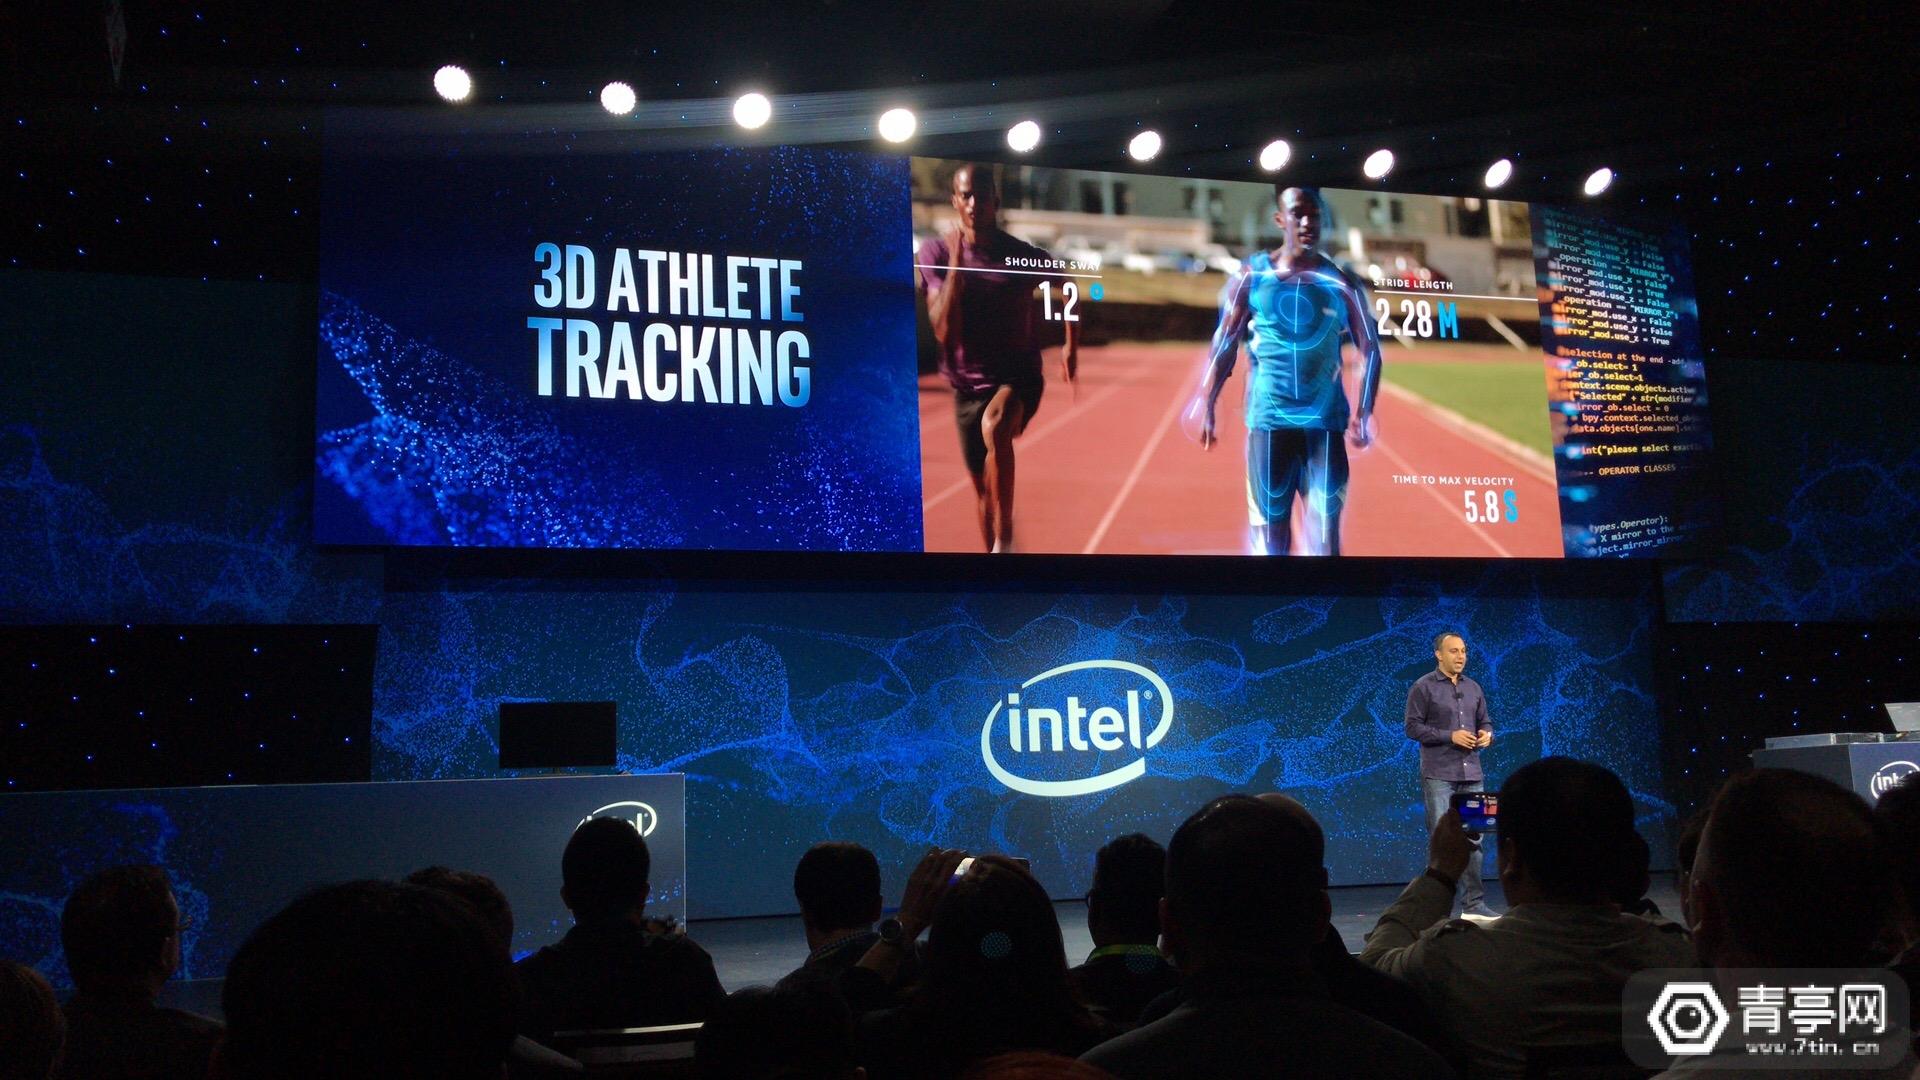 CES2019:英特尔与阿里巴巴合作,为奥运会提供3D运动员跟踪技术